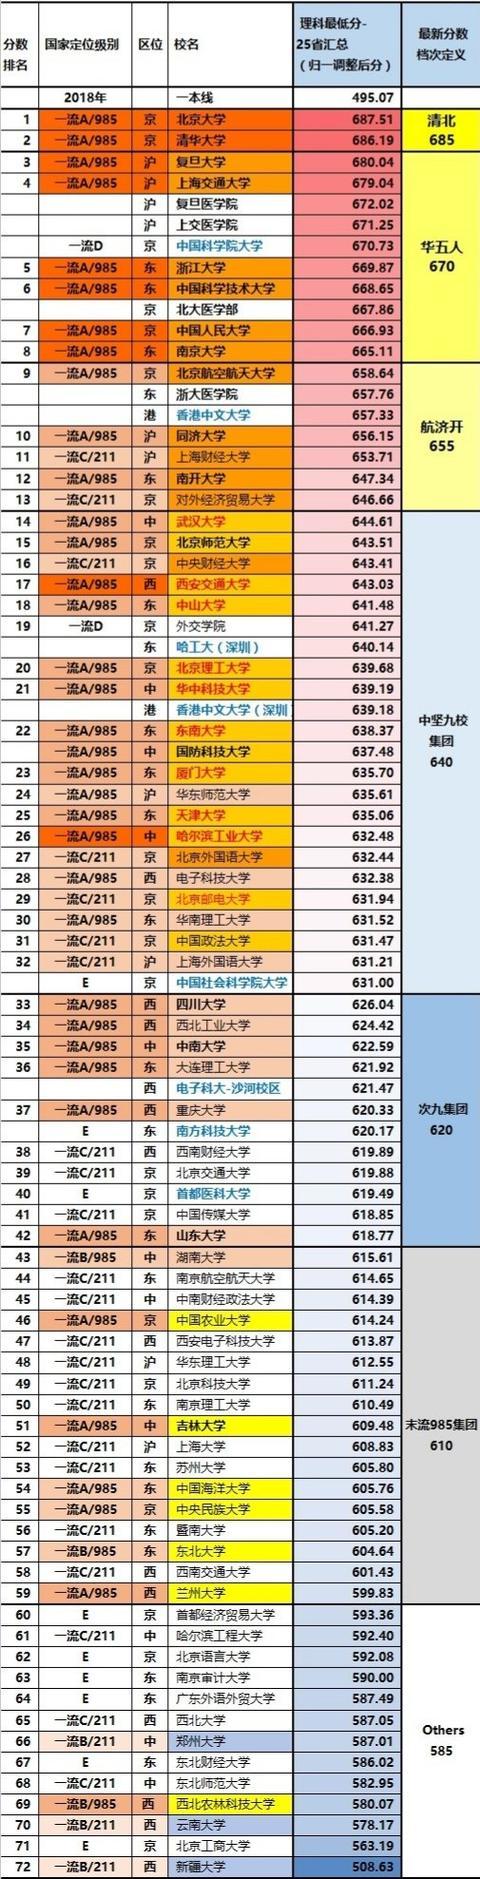 中国知名大学排行榜_高校排名:2014年中国艺术类大学排行榜